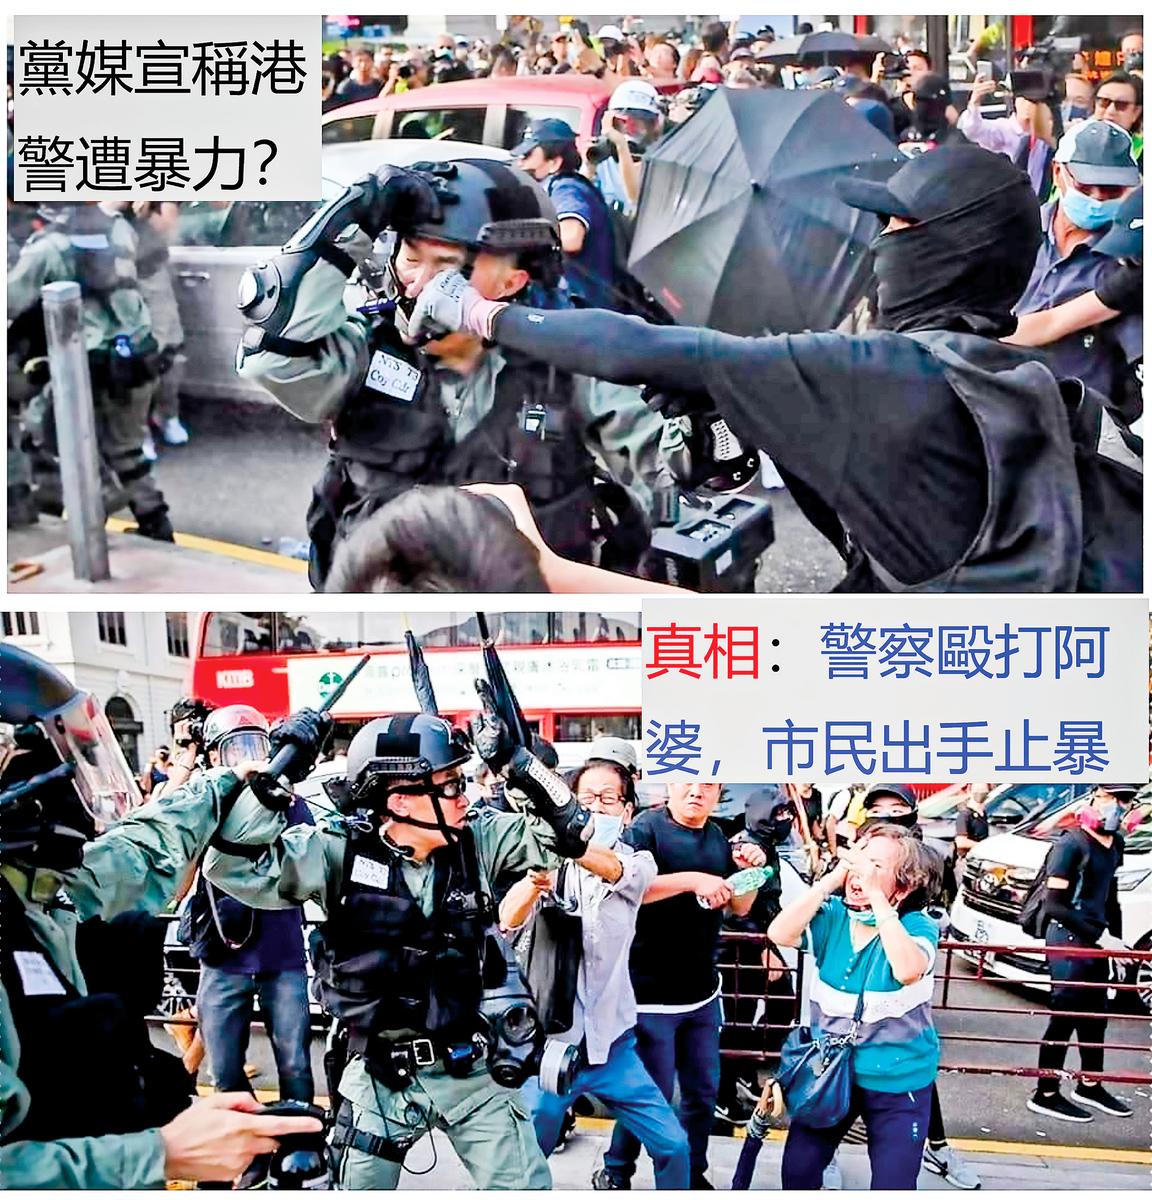 10月27日,親共港媒刊登圖片,報道稱抗議者暴力襲擊港警;但更多現場圖片揭示,港警是在毆打一阿婆時,被抗爭者奮力制止。(網絡截圖)